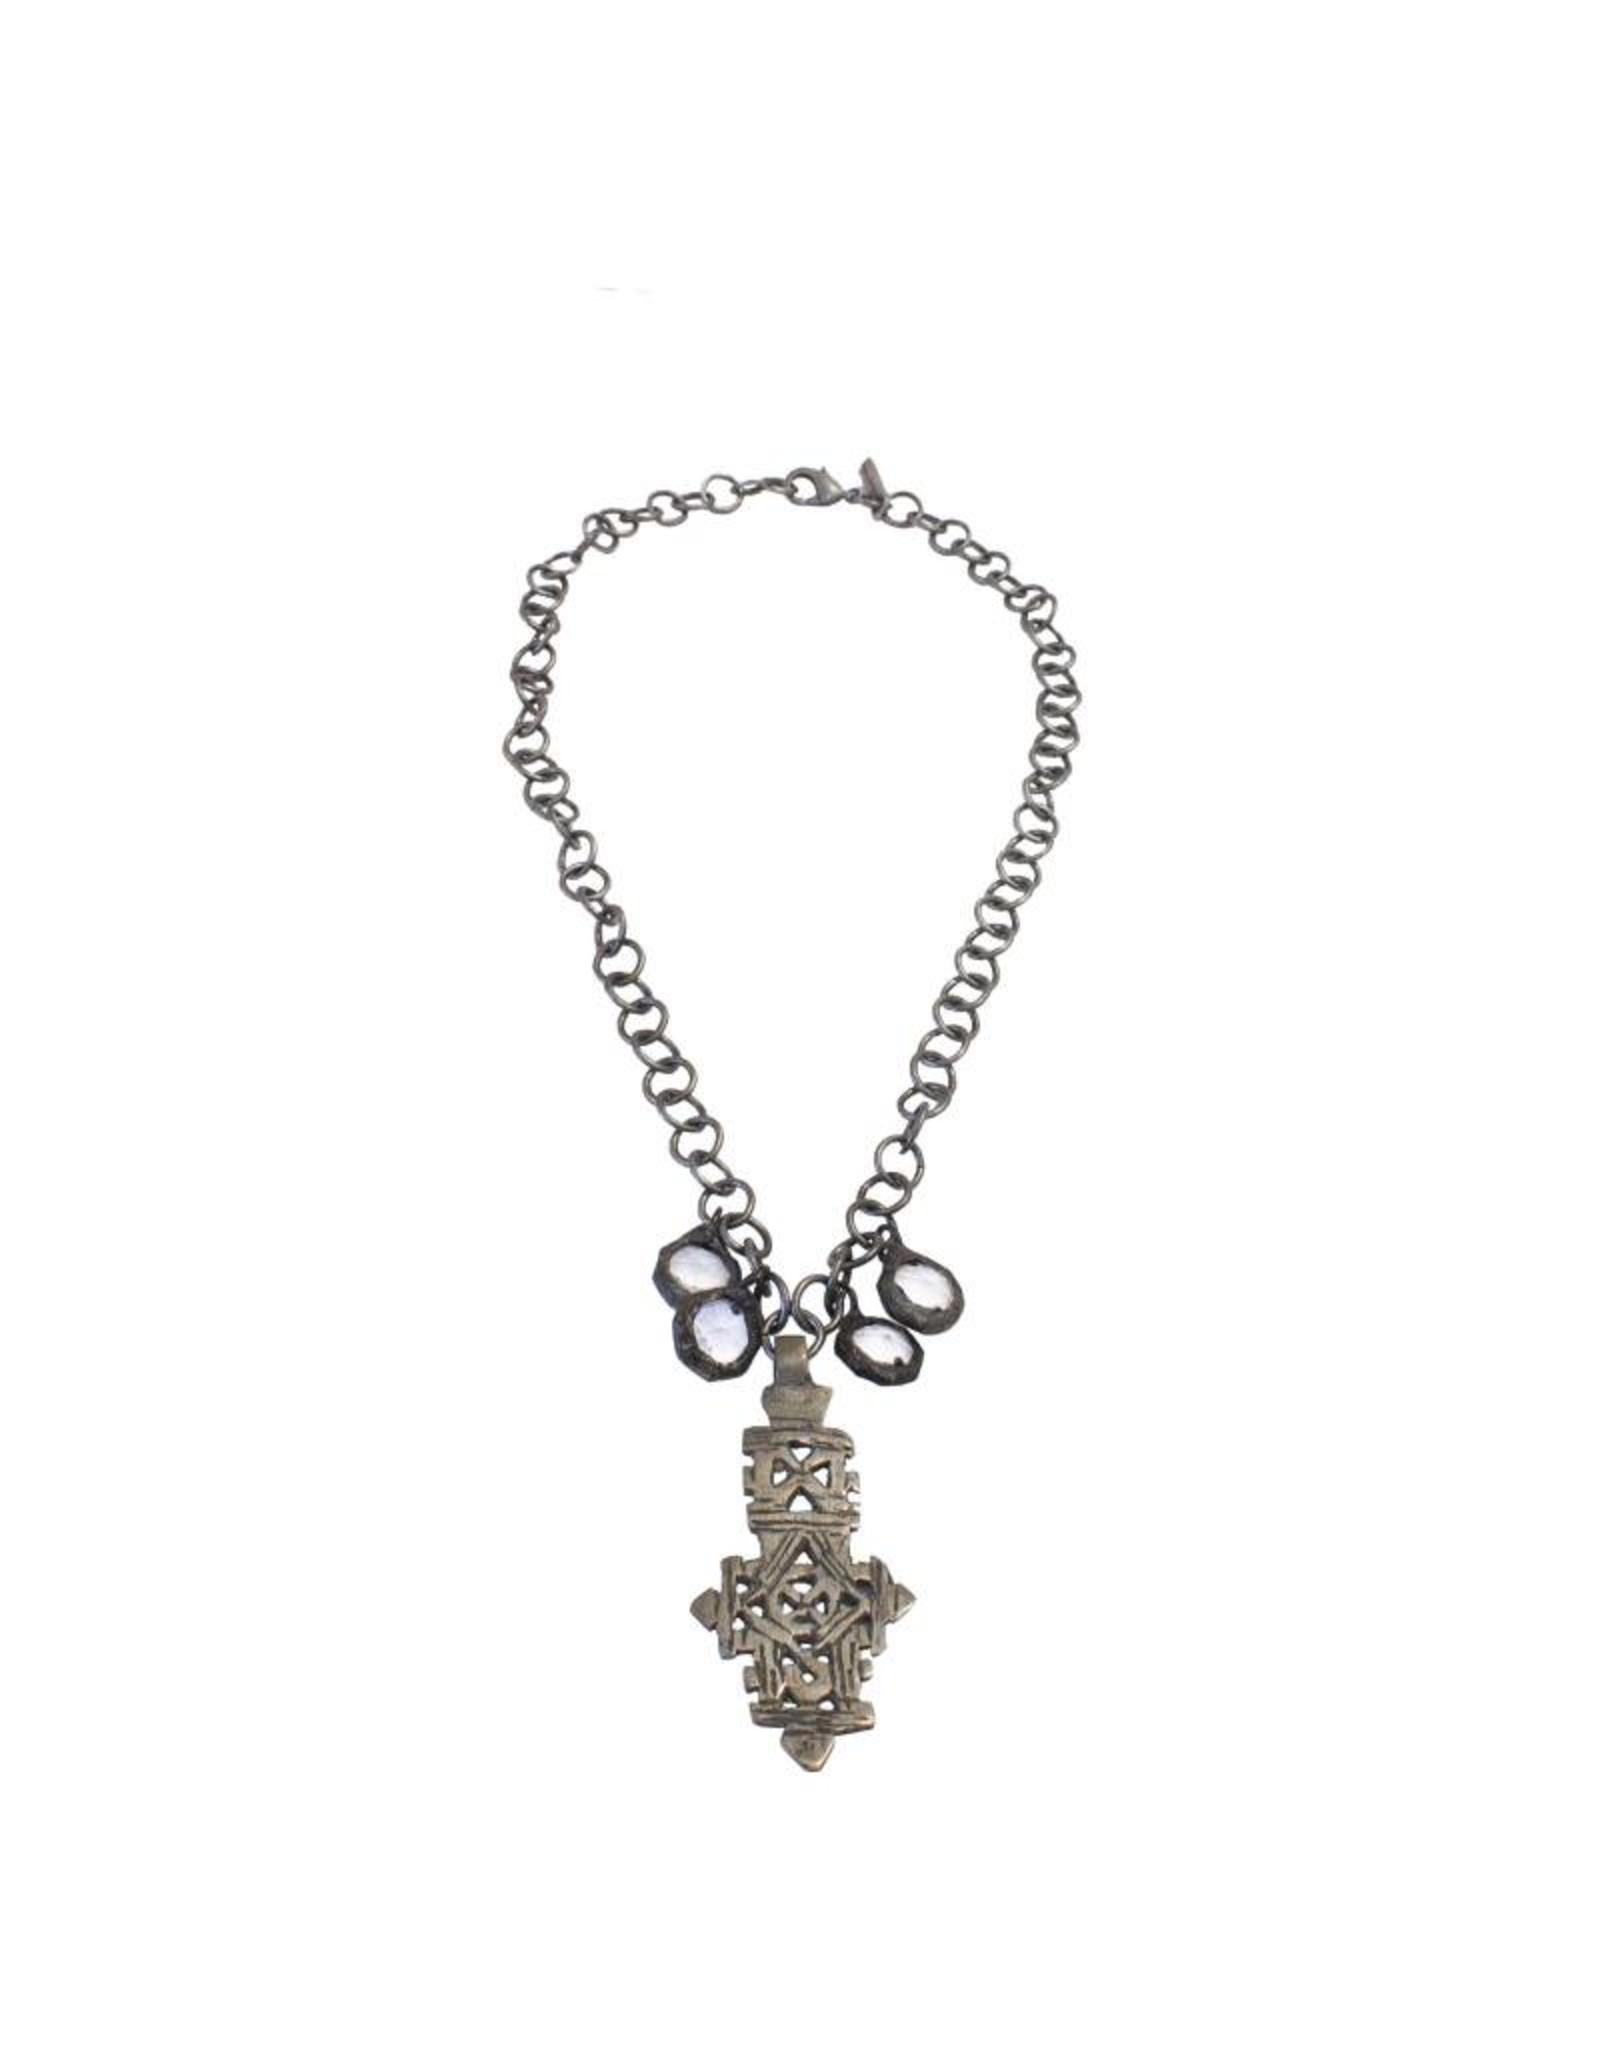 Jamie Dietrich Coptic Cross Necklace